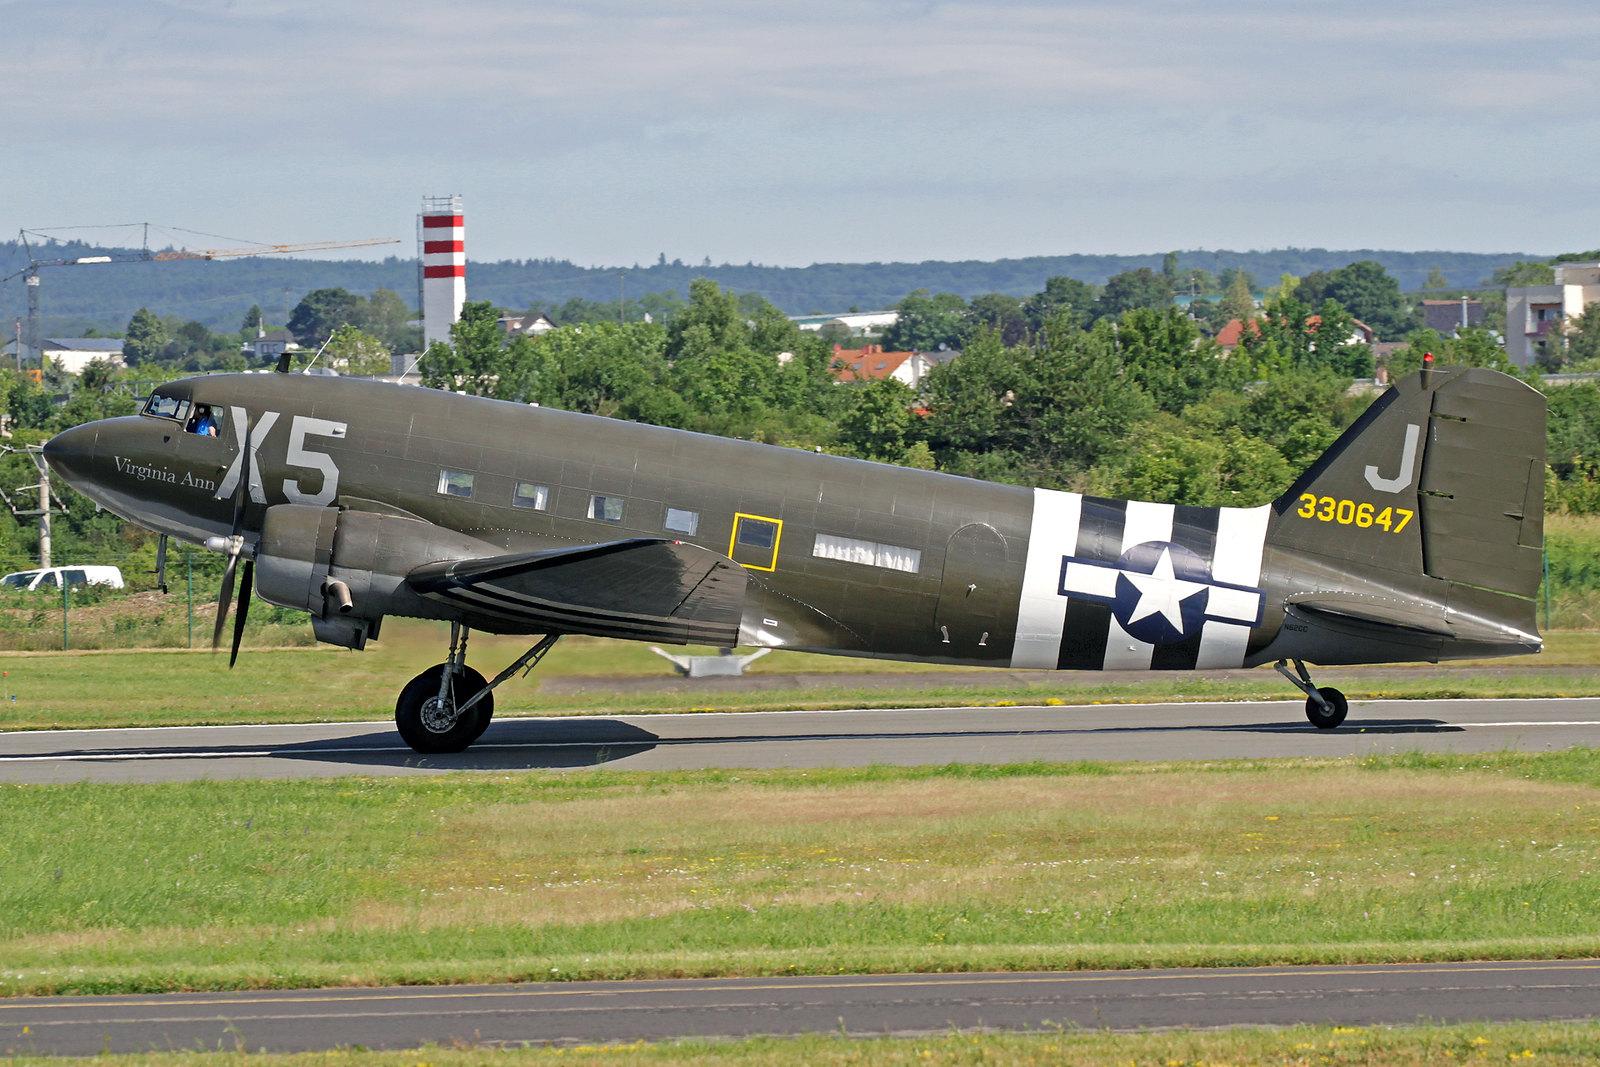 """N62CC - Diese DC-3C wurde ursprünglich als eine C-47A-60-DL von Douglas in Long Beach gebaut und 1943 an die USAAF mit der Kennung 43-30647 abgeliefert. Sie trägt den Namen """"Virginia Ann"""". Seit dem 17. Juni 2016 gehört sie der Mission Bosten D-Day LLC."""